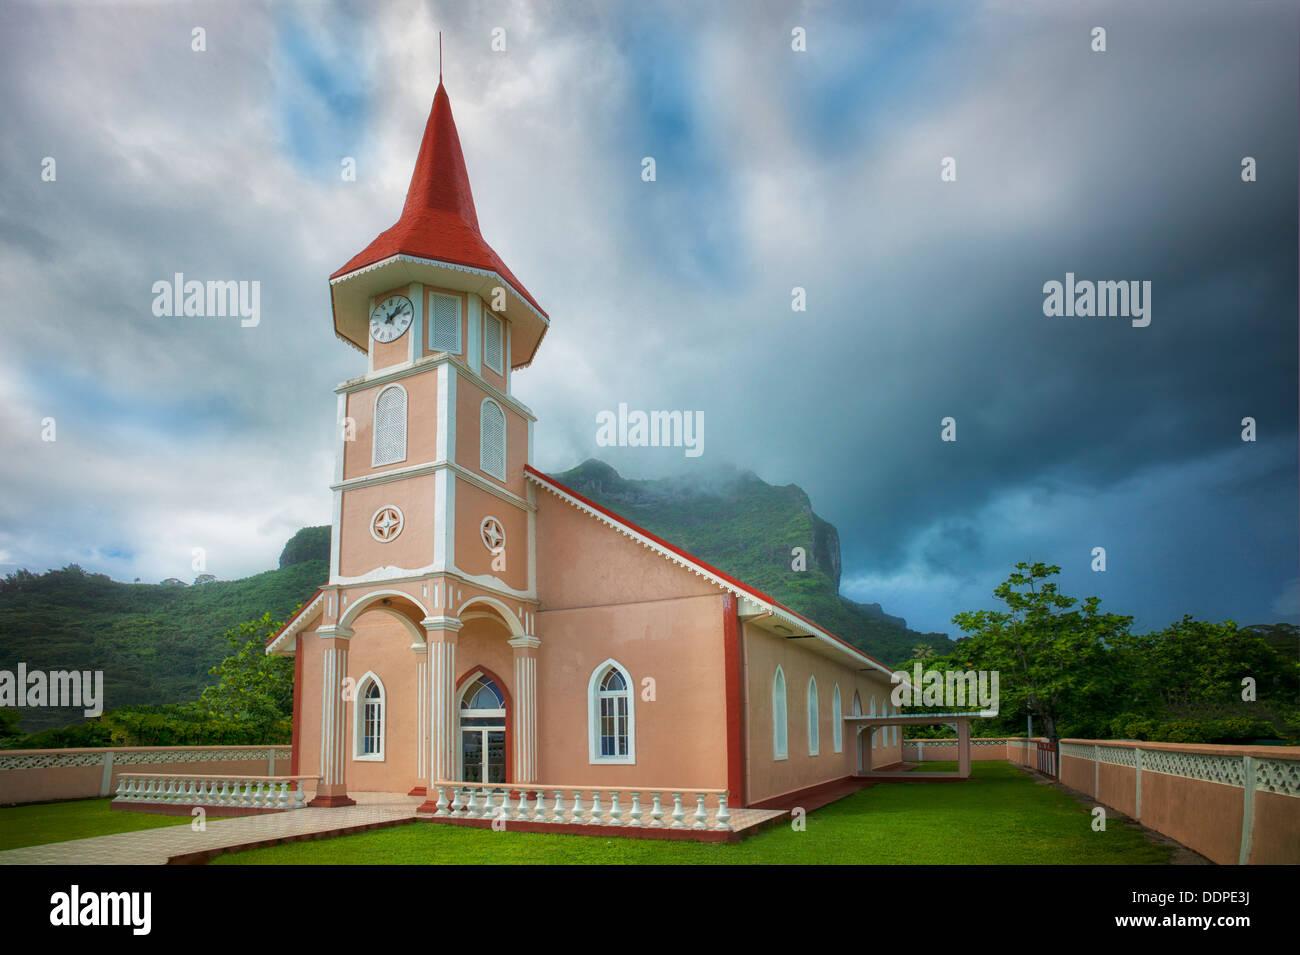 Eglise Evangelique Church. Vaitape, Bora Bora. Fench Polynesia. Stock Photo